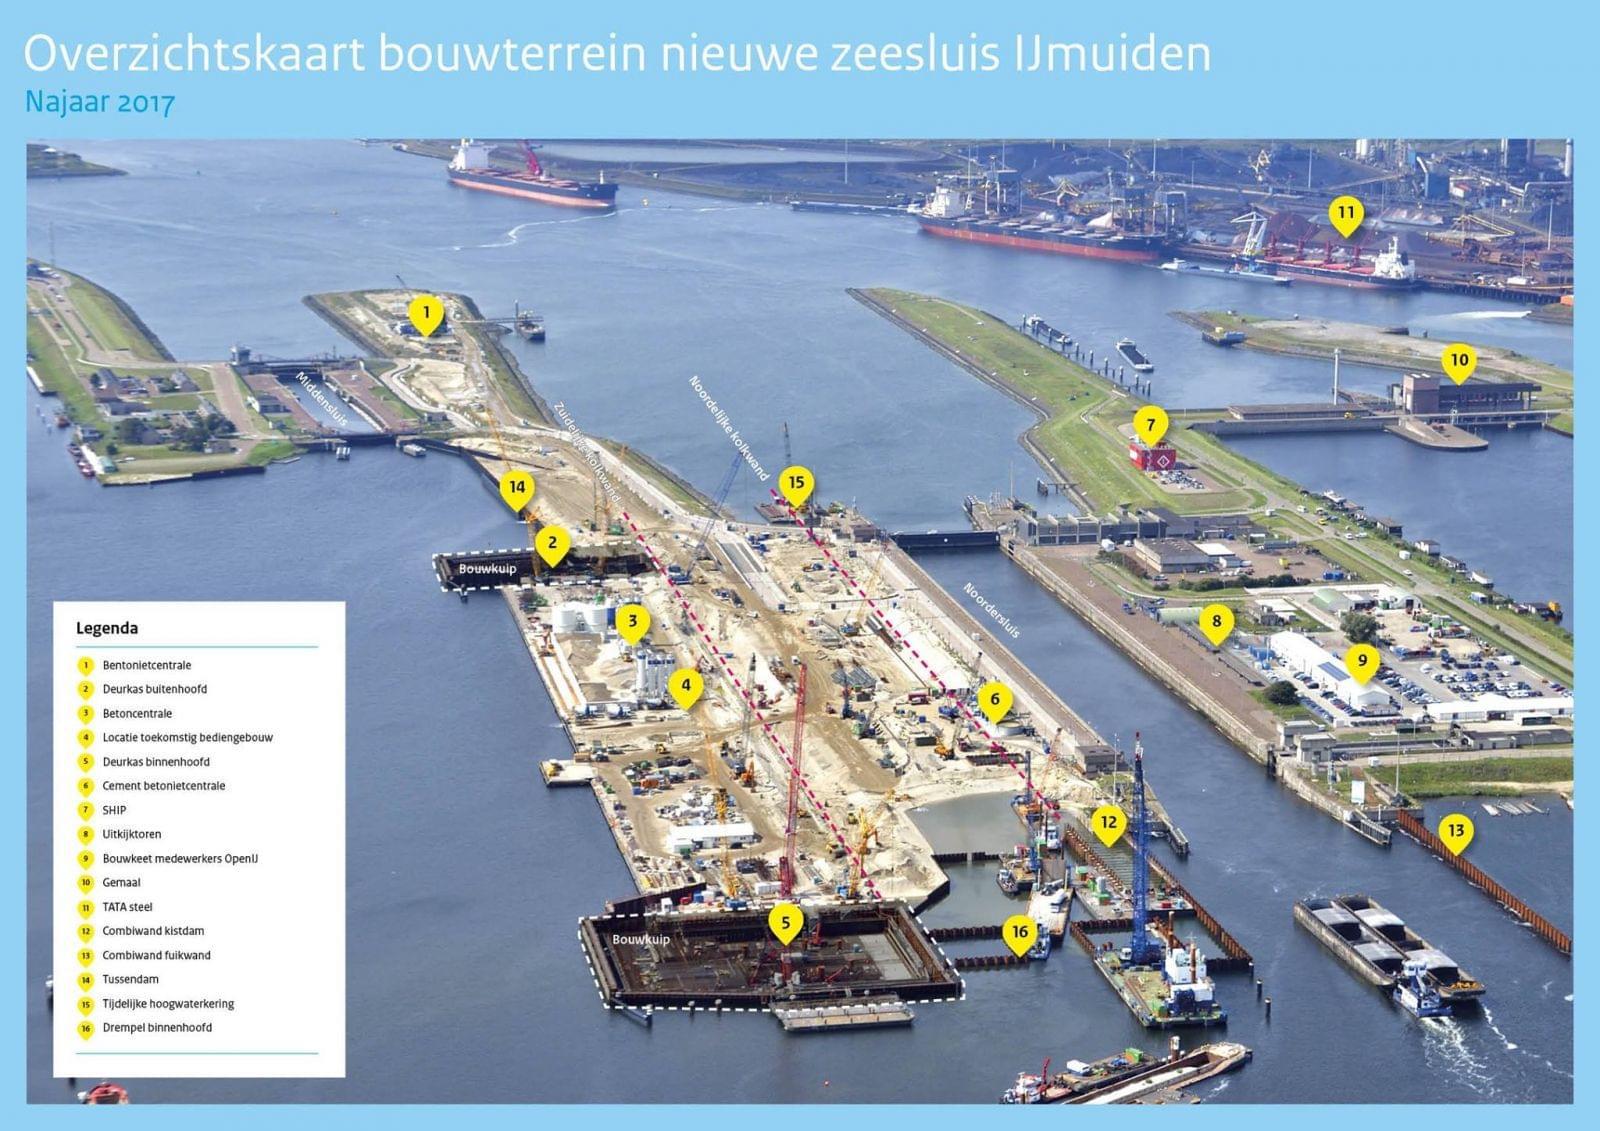 Overzichtskaart werkzaamheden zeesluis IJmuiden(1)